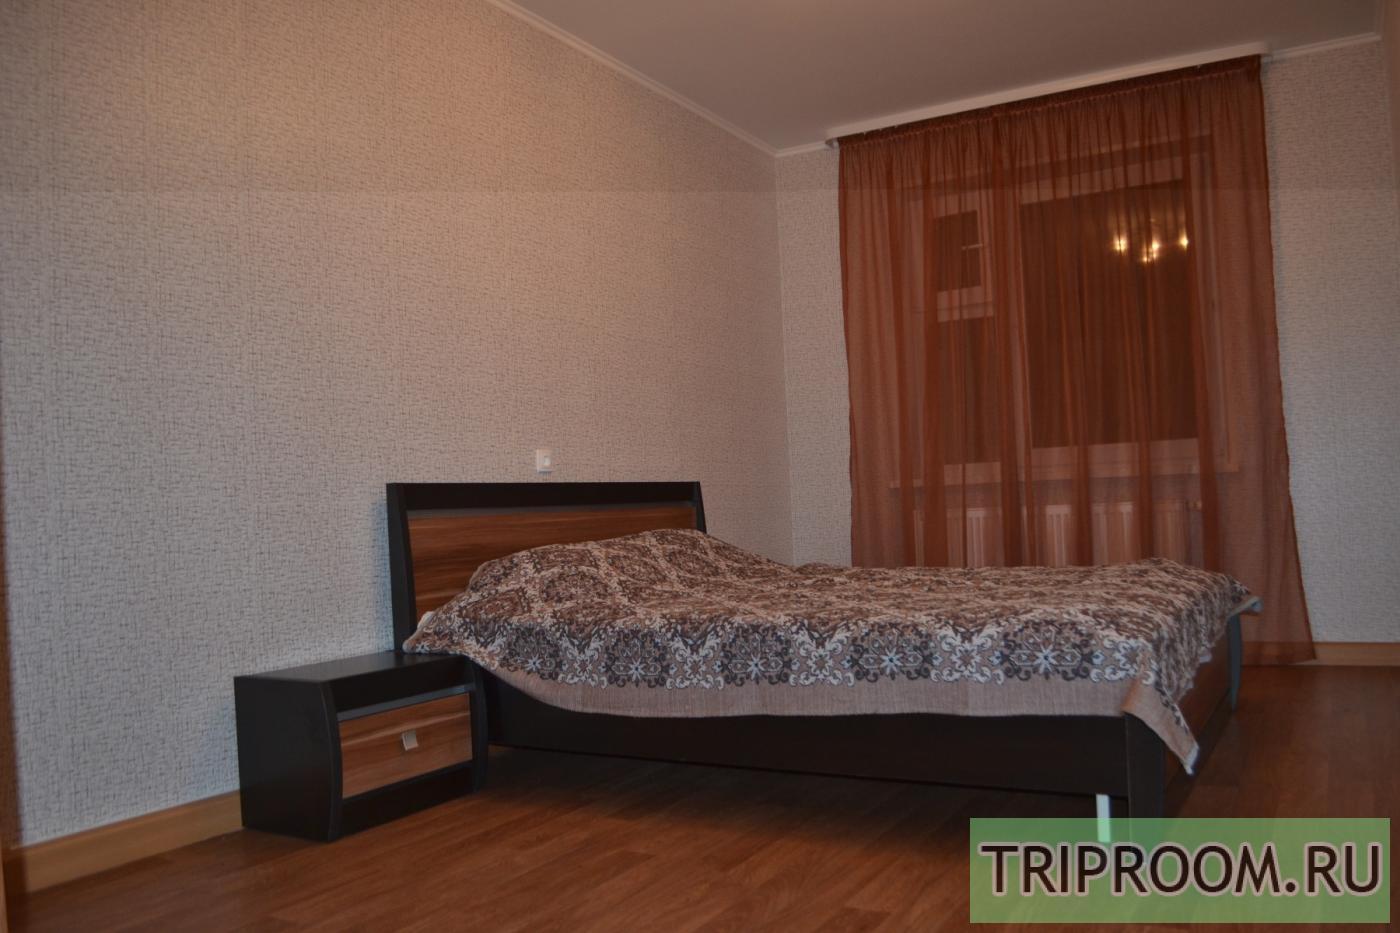 2-комнатная квартира посуточно (вариант № 23174), ул. Овчинникова улица, фото № 6